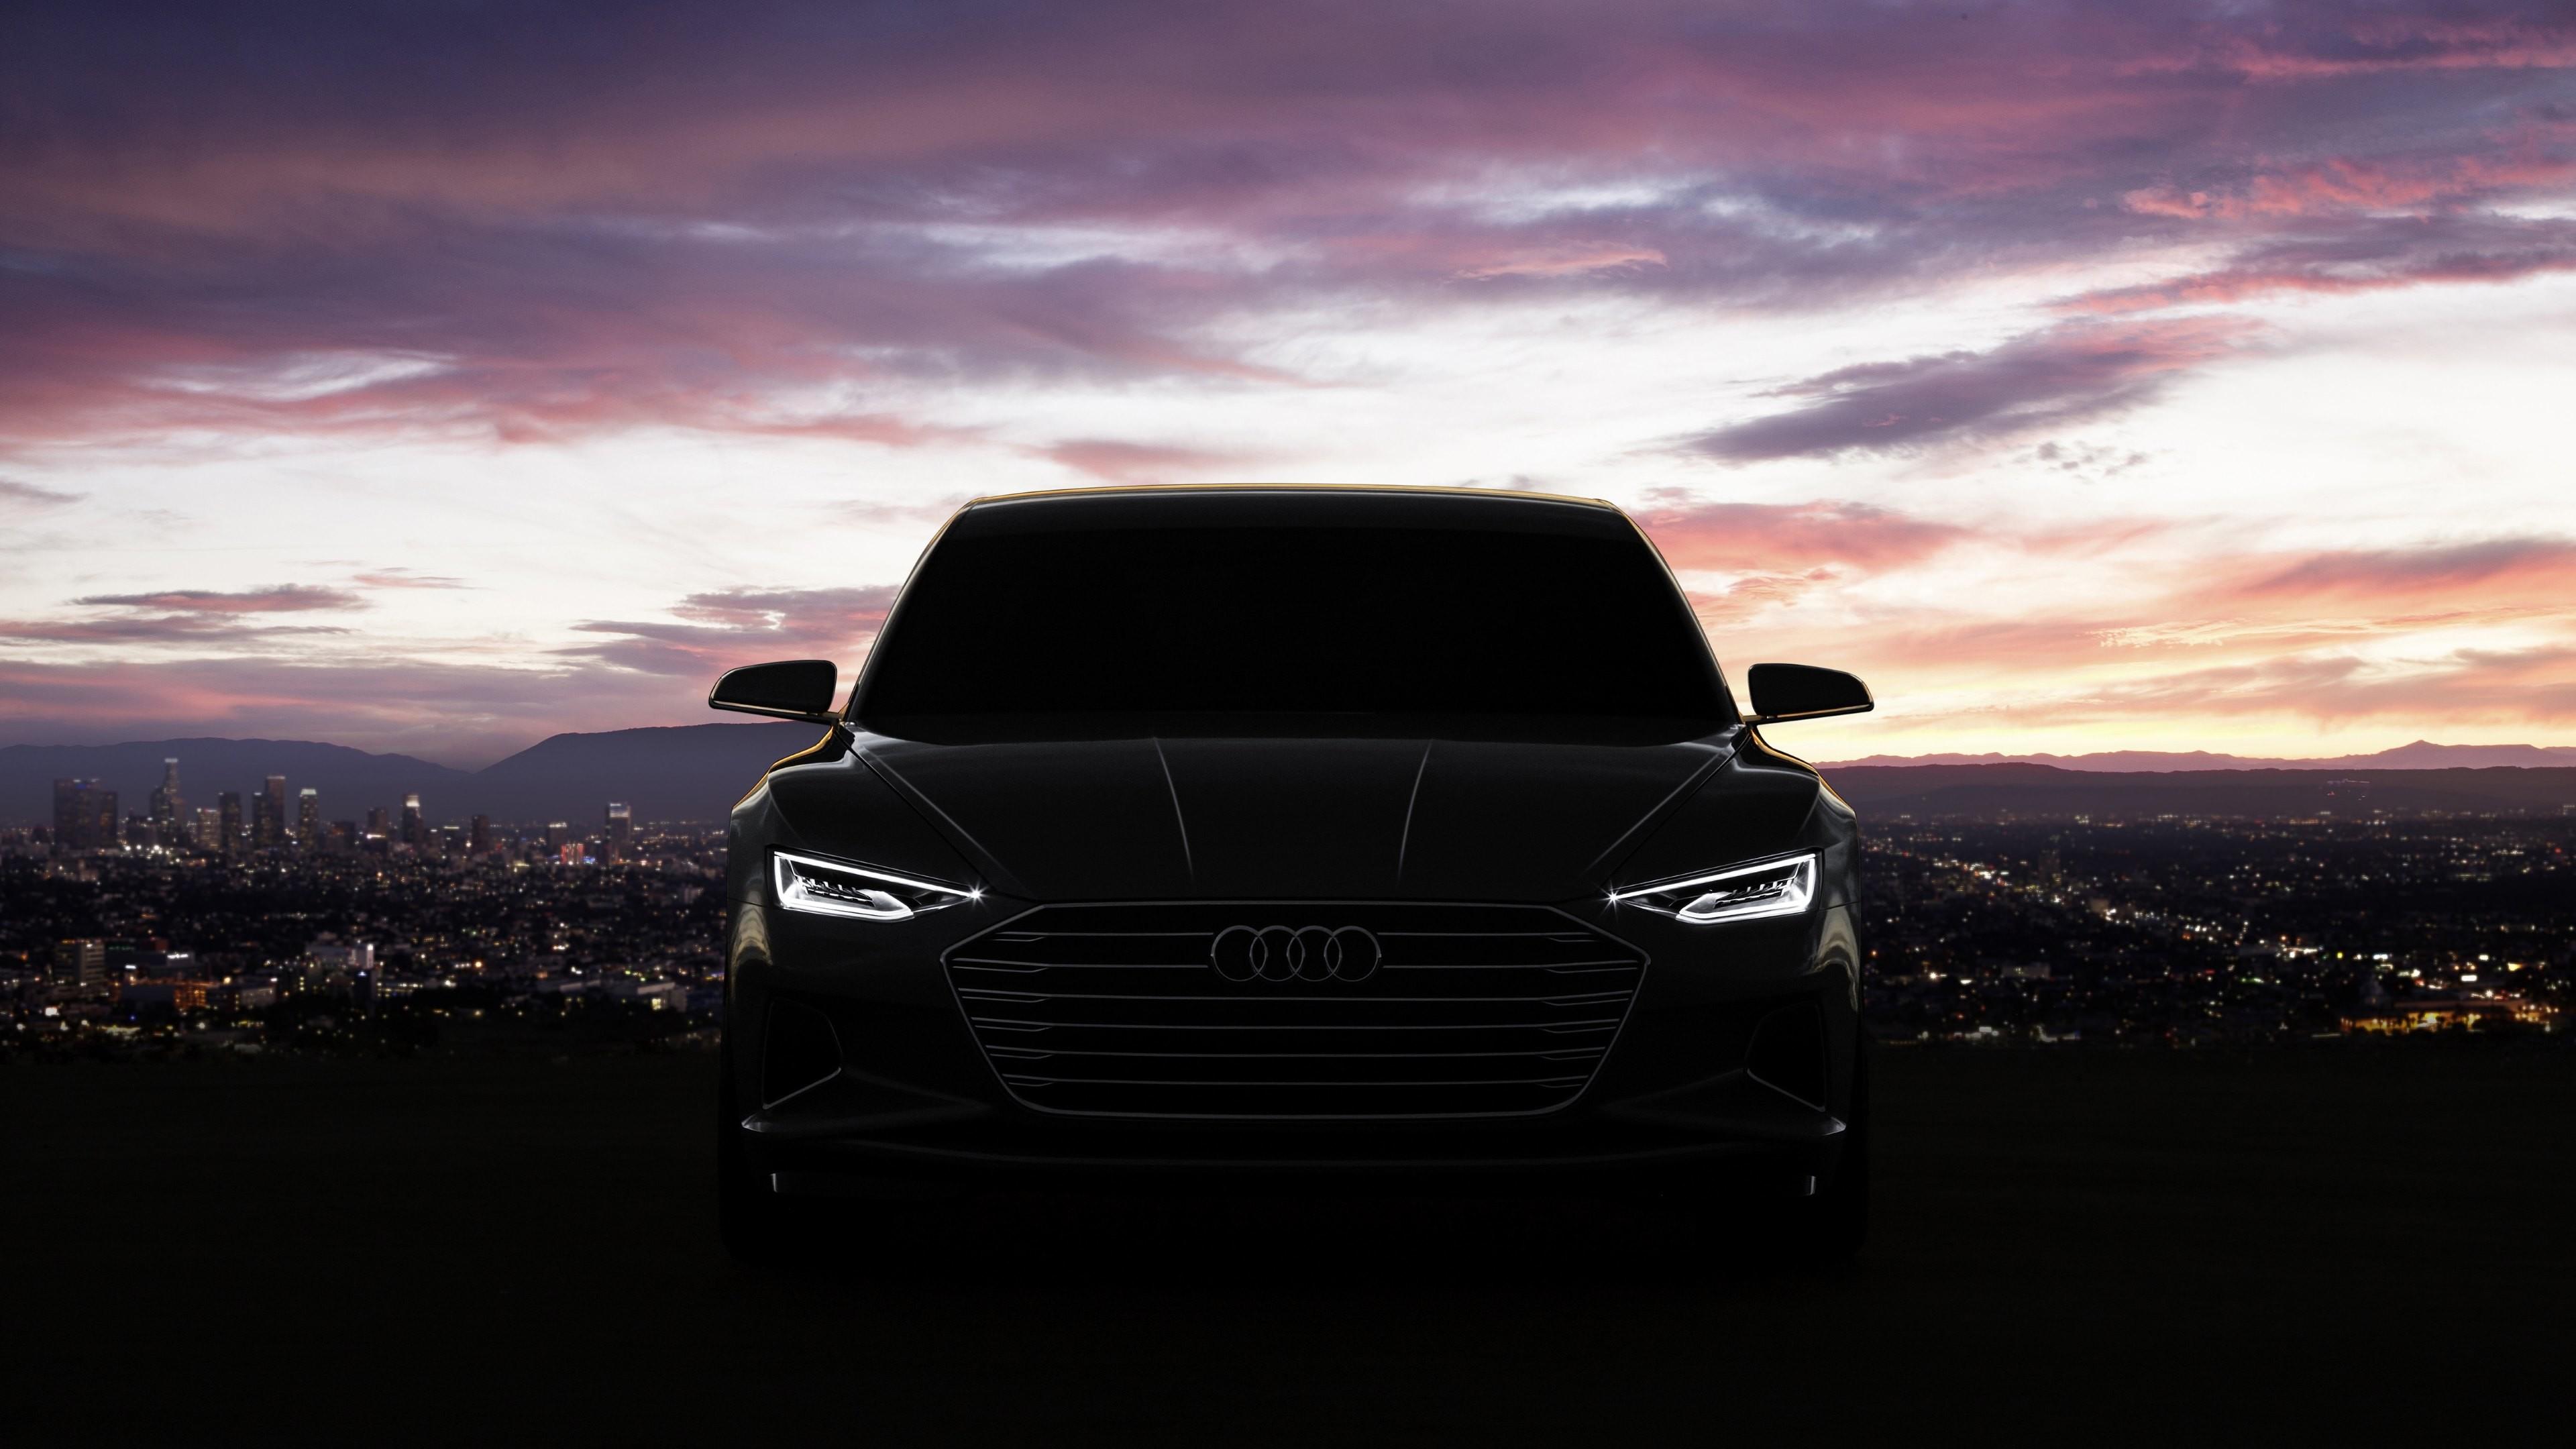 Audi Prologue 4K Ultra HD Desktop Wallpaper Uploaded by DesktopWalls